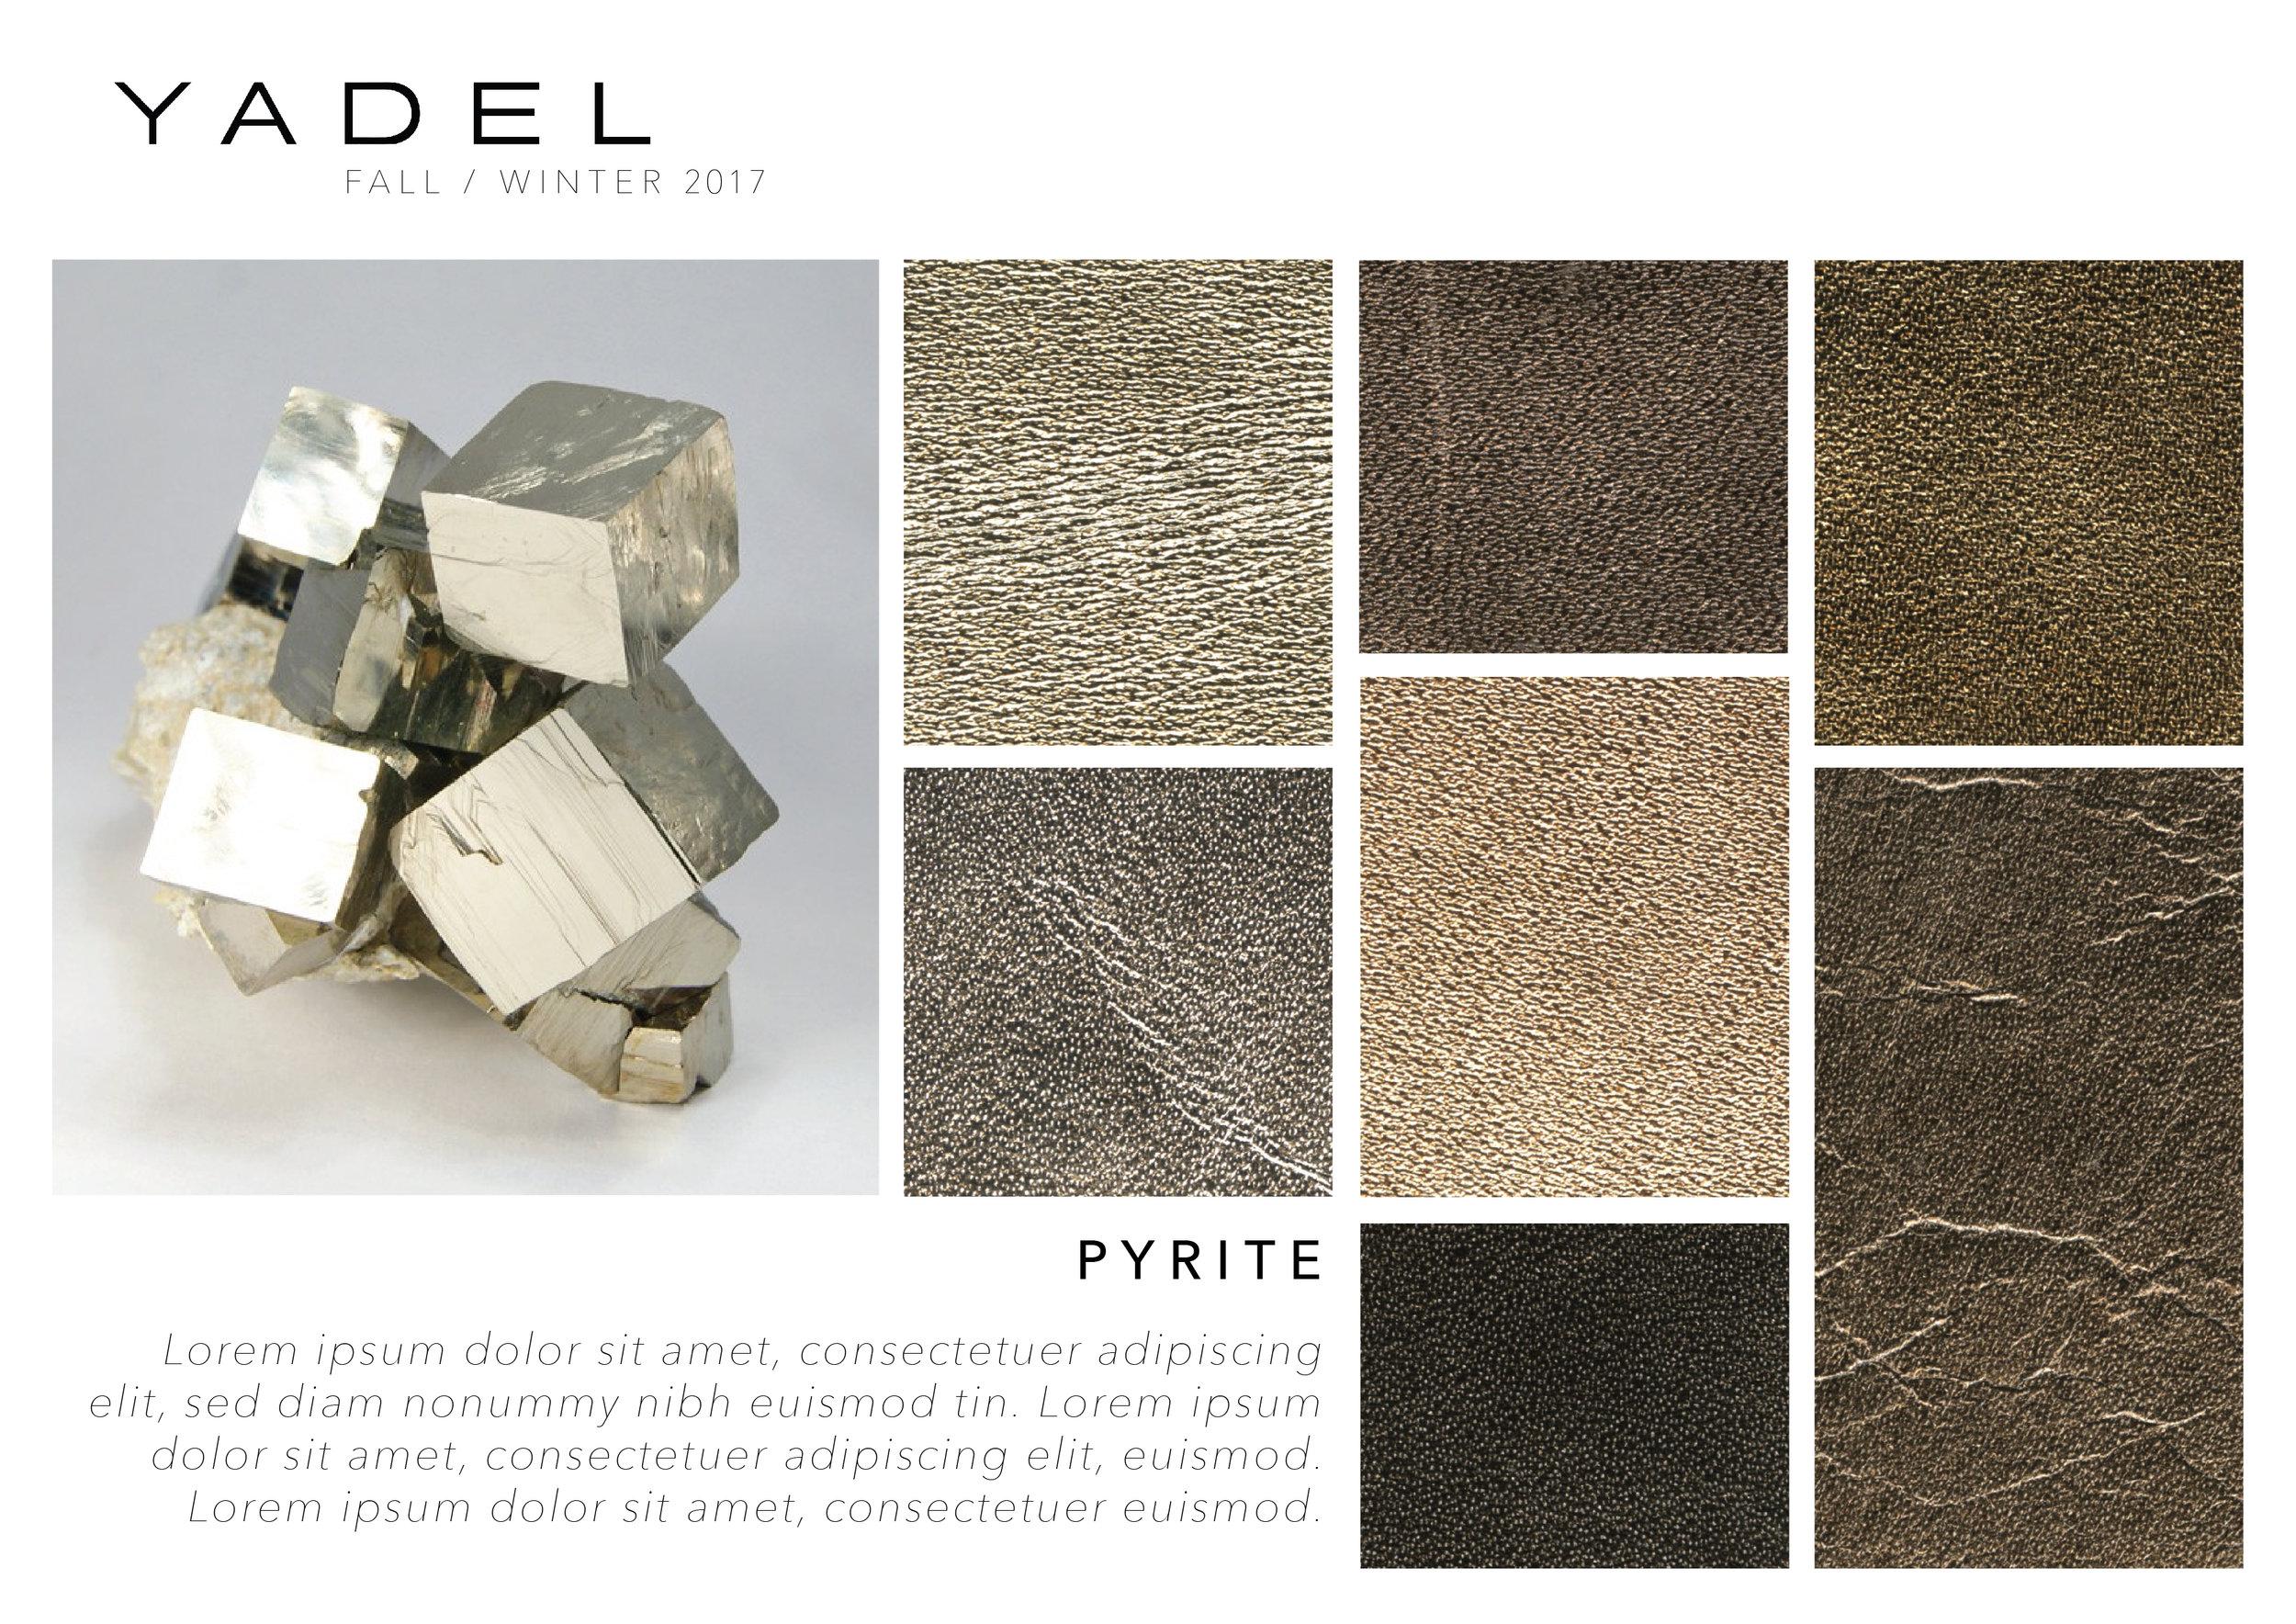 Yadel catalogue layout-02.jpg